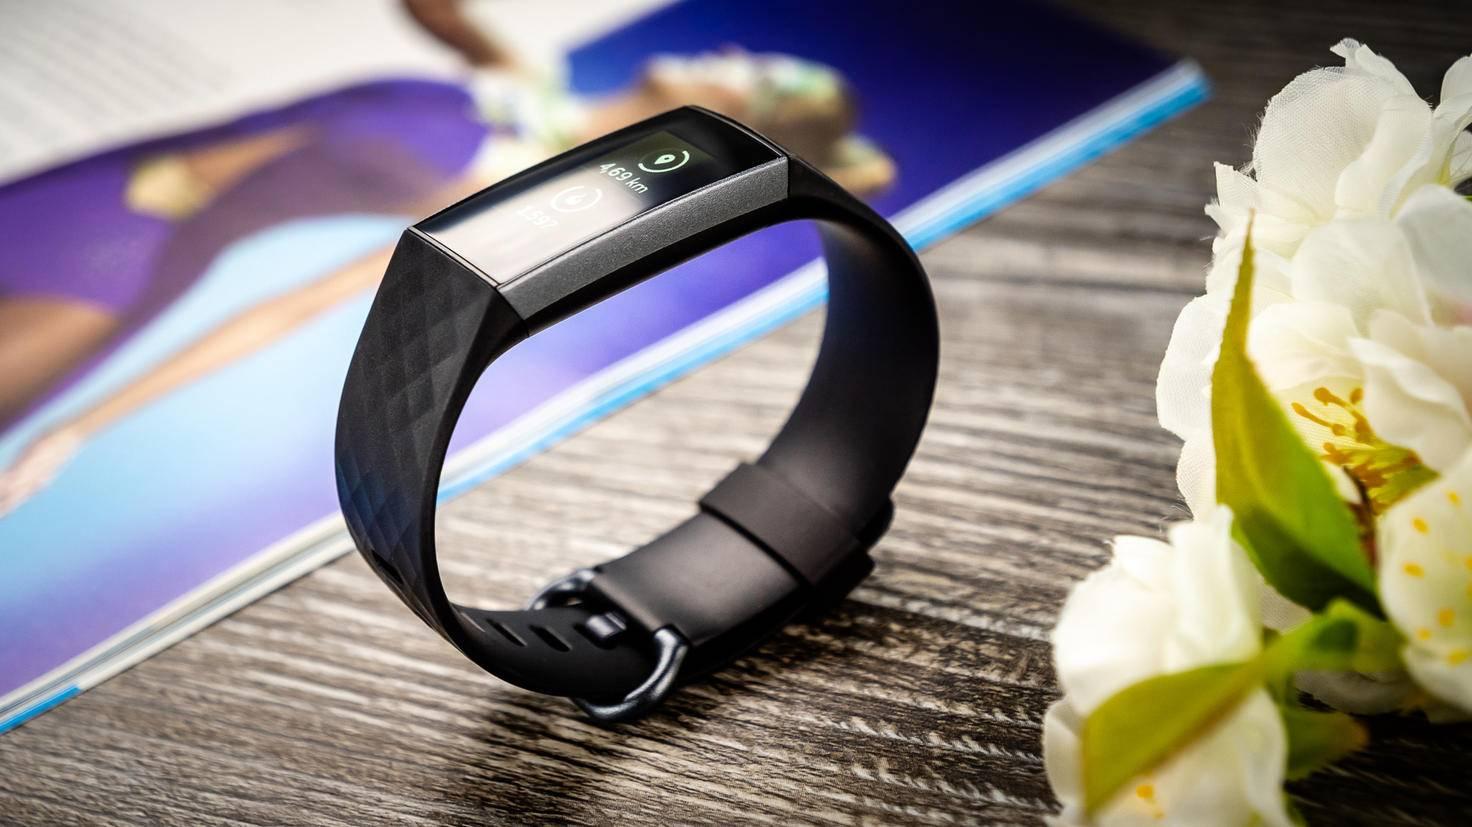 ... und ergonomischer ist das Erscheinungsbild des Fitbit Charge 3.